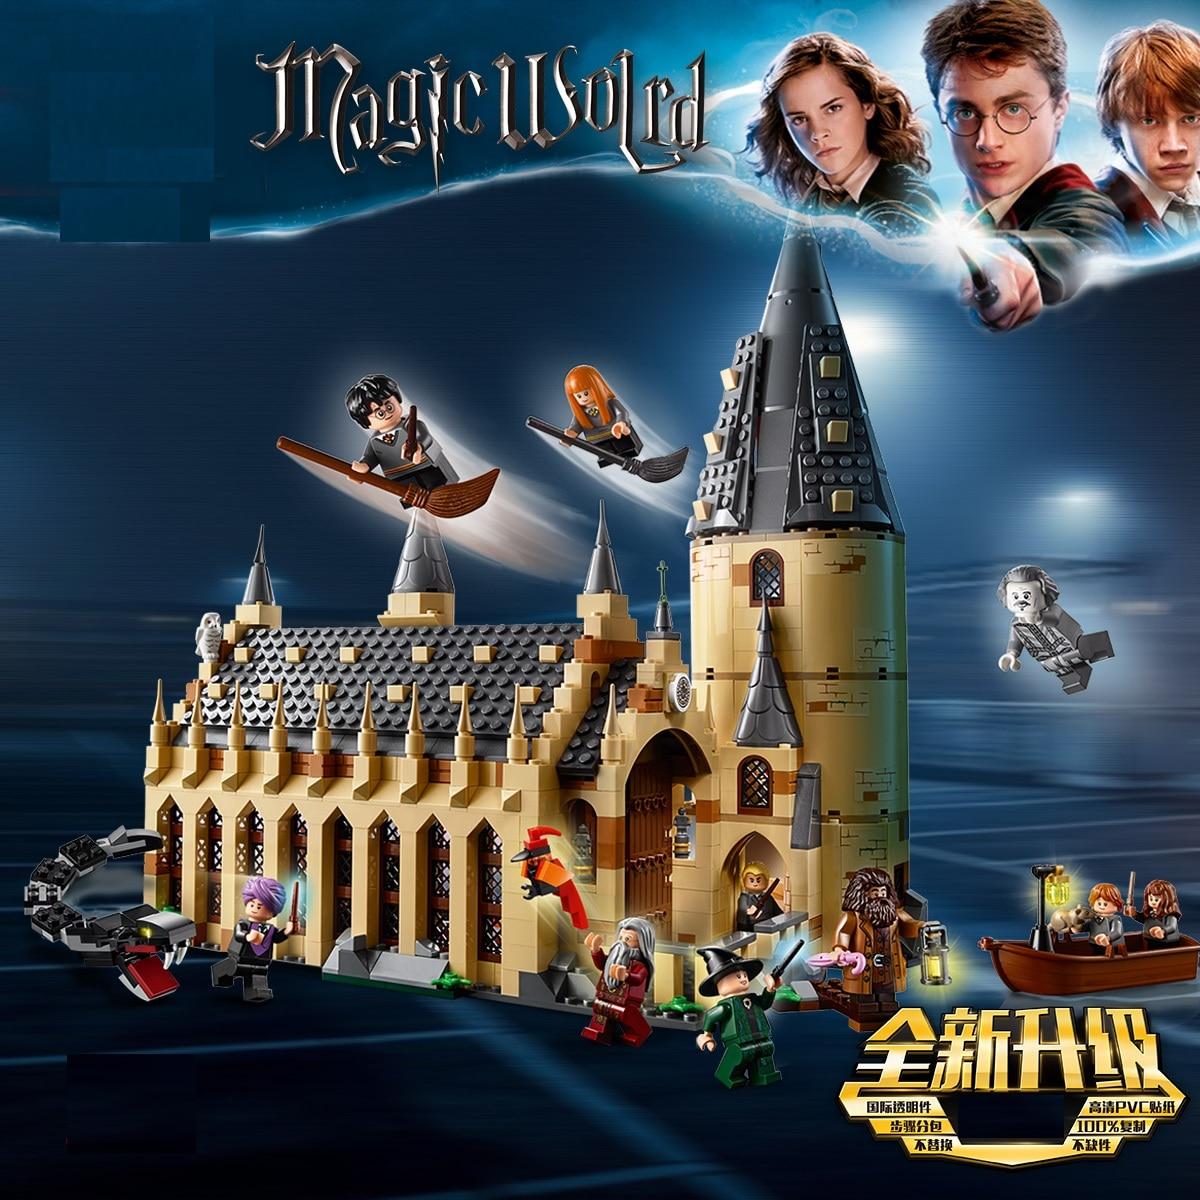 Castillo de Hogwarts Legoeds babylys Potterly bloques de construcción tren exprés Quidditch creador de ciudades figuras de acción de juguete para niños